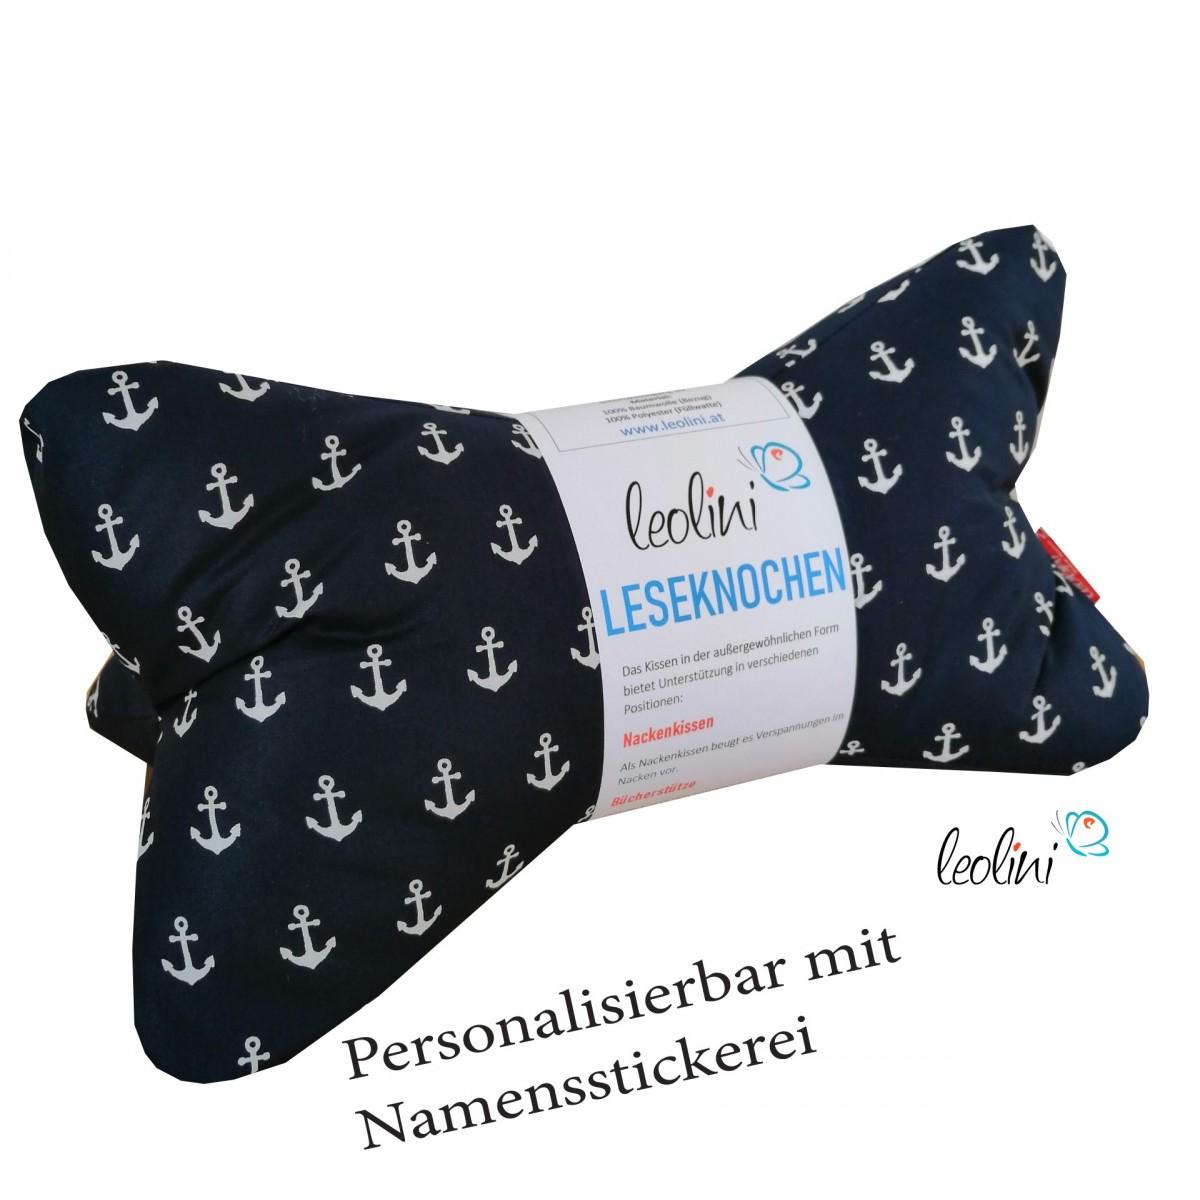 Personalisierbarer Leseknochen - Lesekissen von Leolini Anker mit Namen